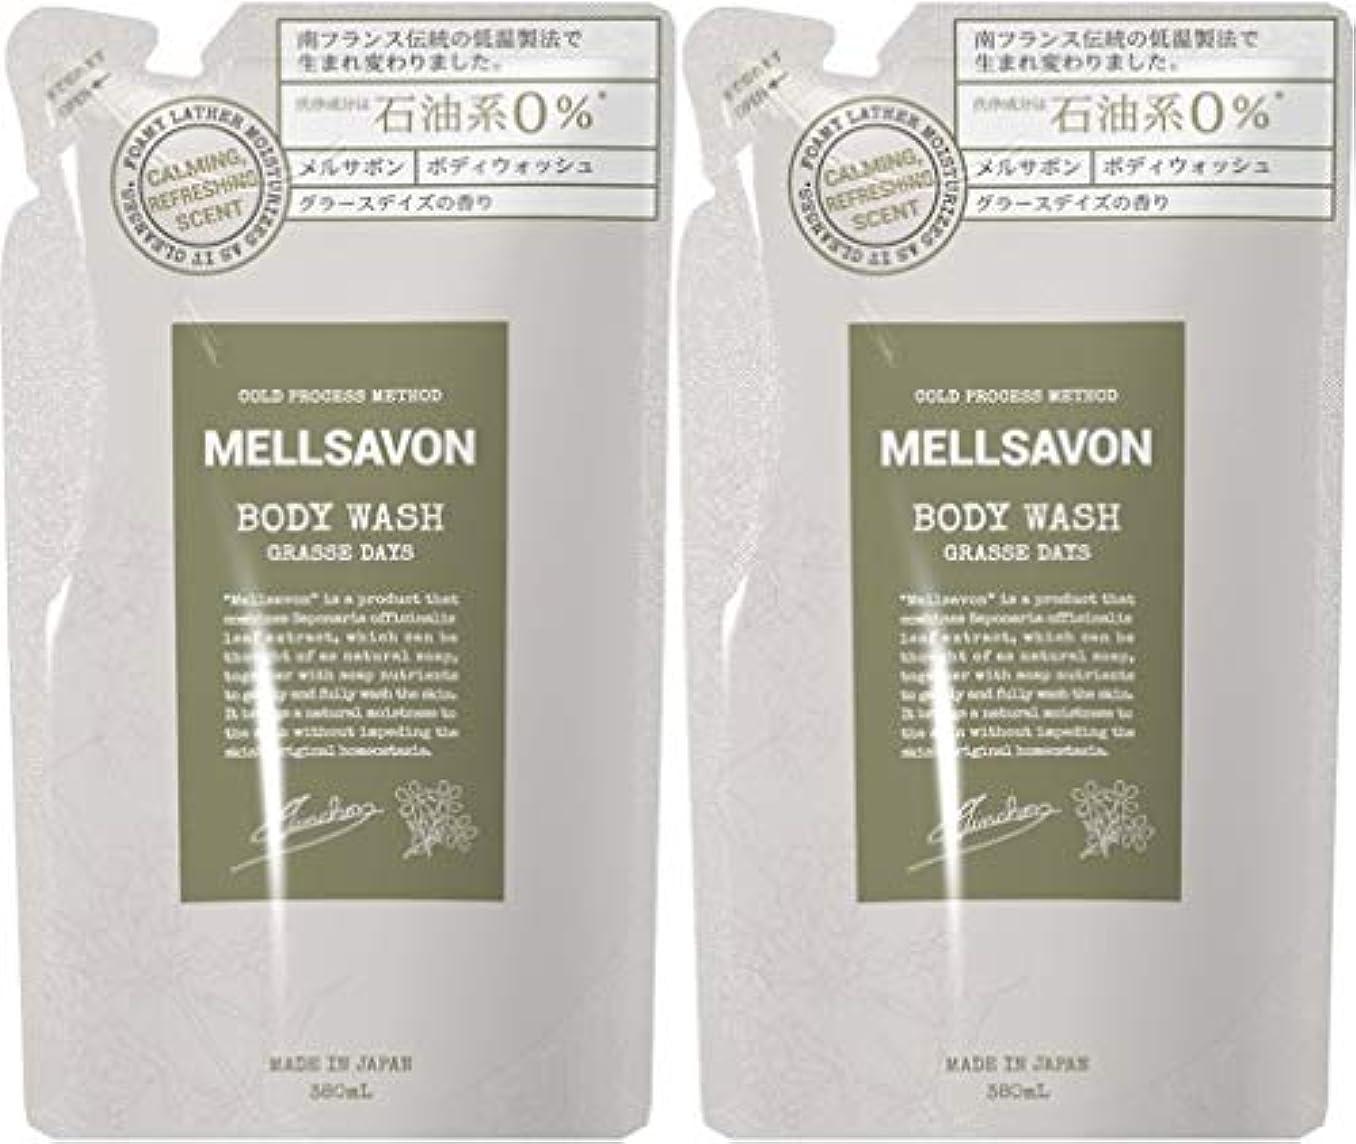 前提条件今苦しみ【2個セット】MELLSAVON(メルサボン) ボディウォッシュ グラースデイズ 〈詰替〉 (380mL)